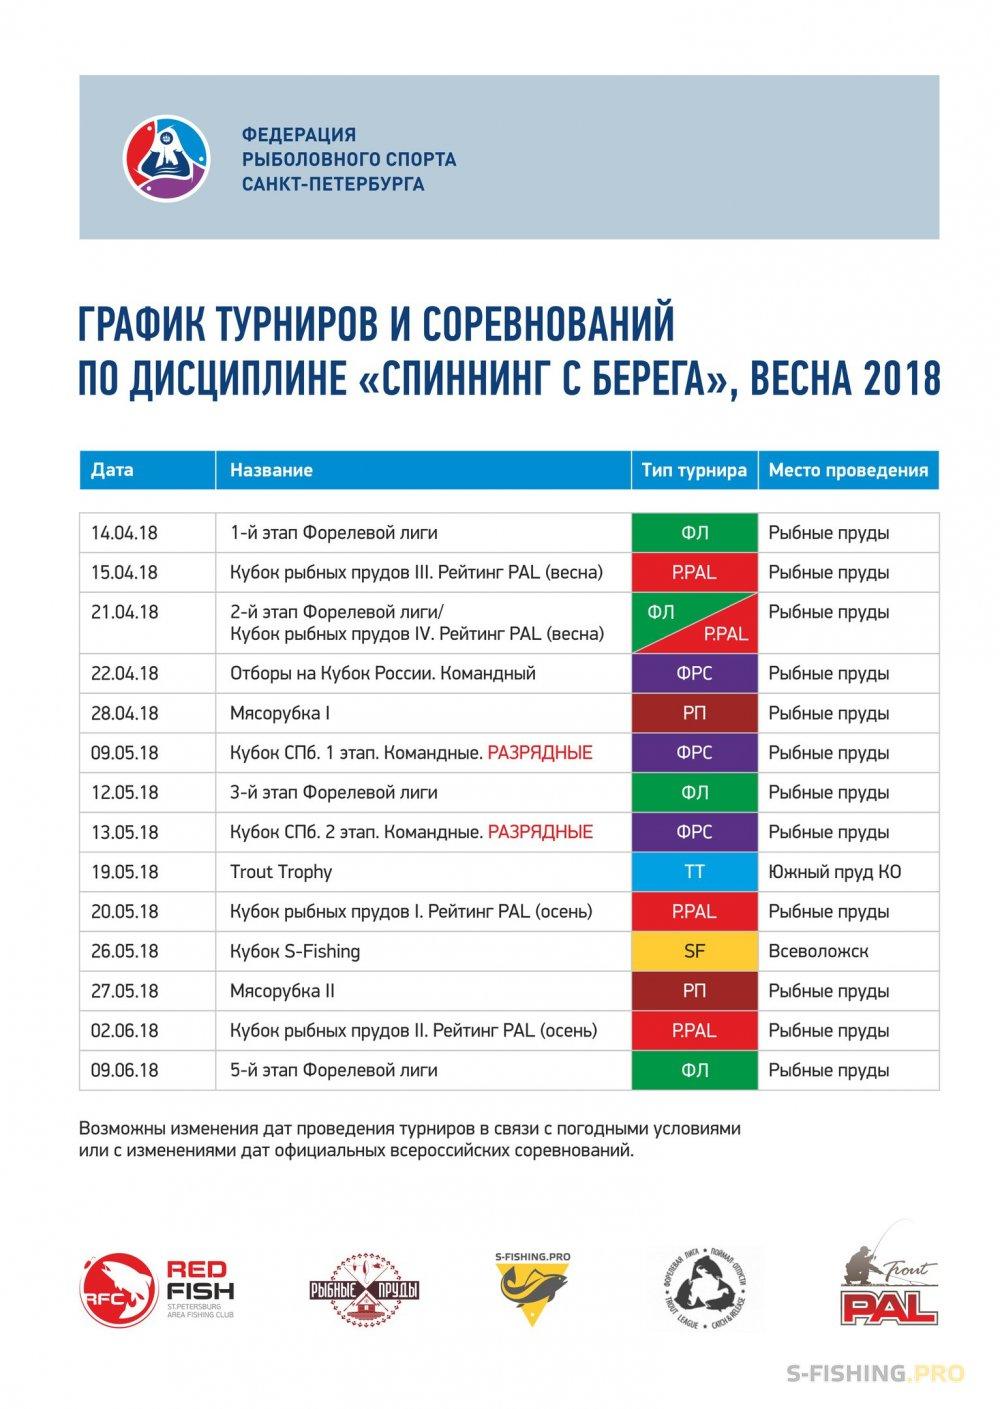 Мероприятия: График турниров и соревнований по дисциплине